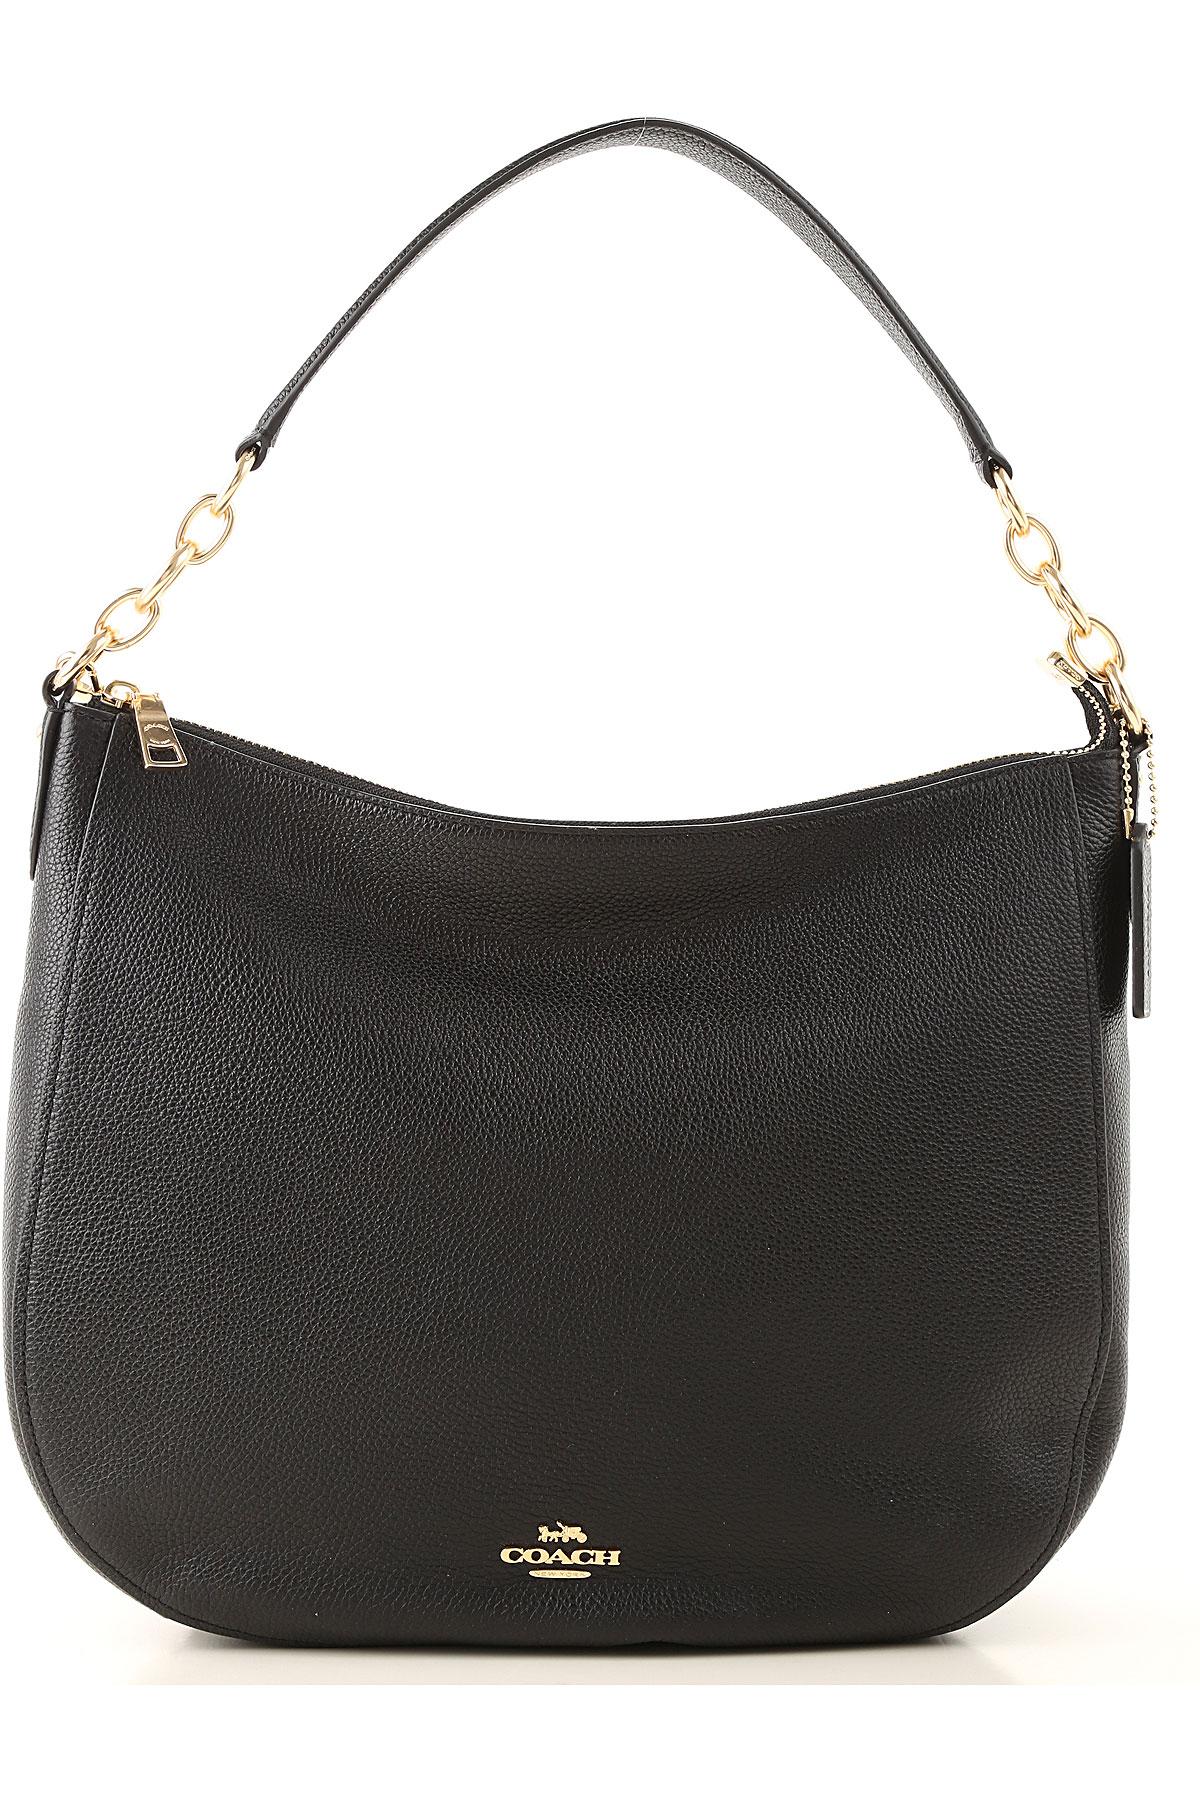 Coach Shoulder Bag for Women On Sale, Black, Leather, 2019